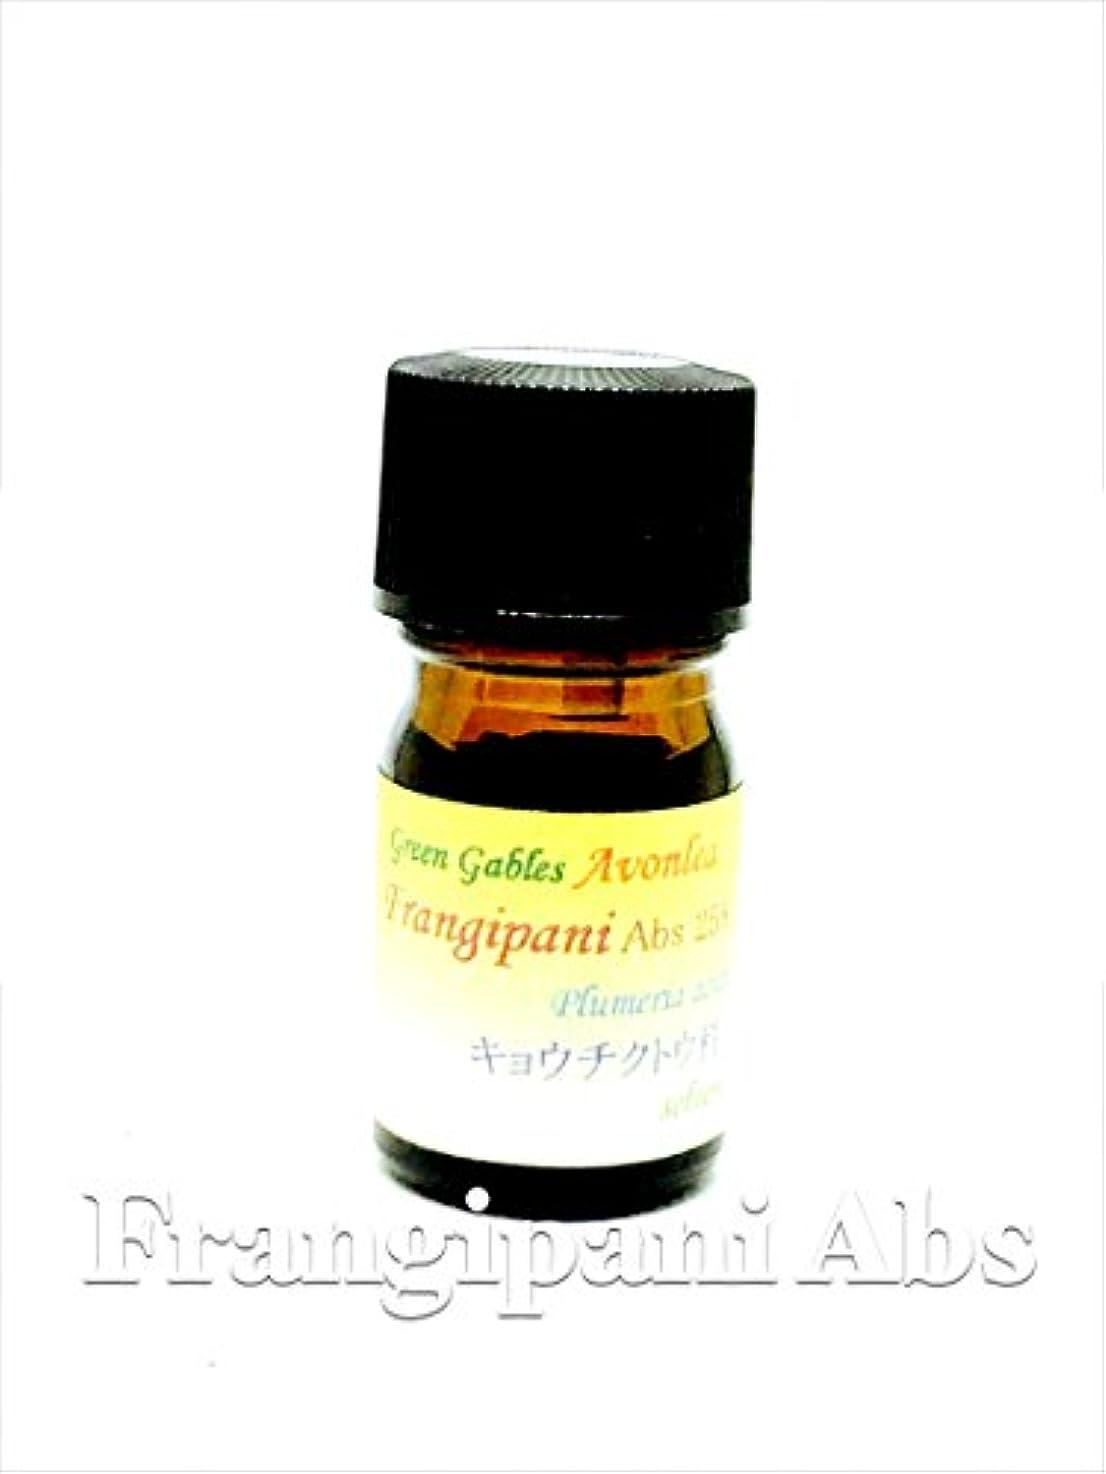 マーティンルーサーキングジュニア害名門フランジュパ二Abs ピュアエッセンシャルオイル精油 (プルメリアAbs) (30ml)